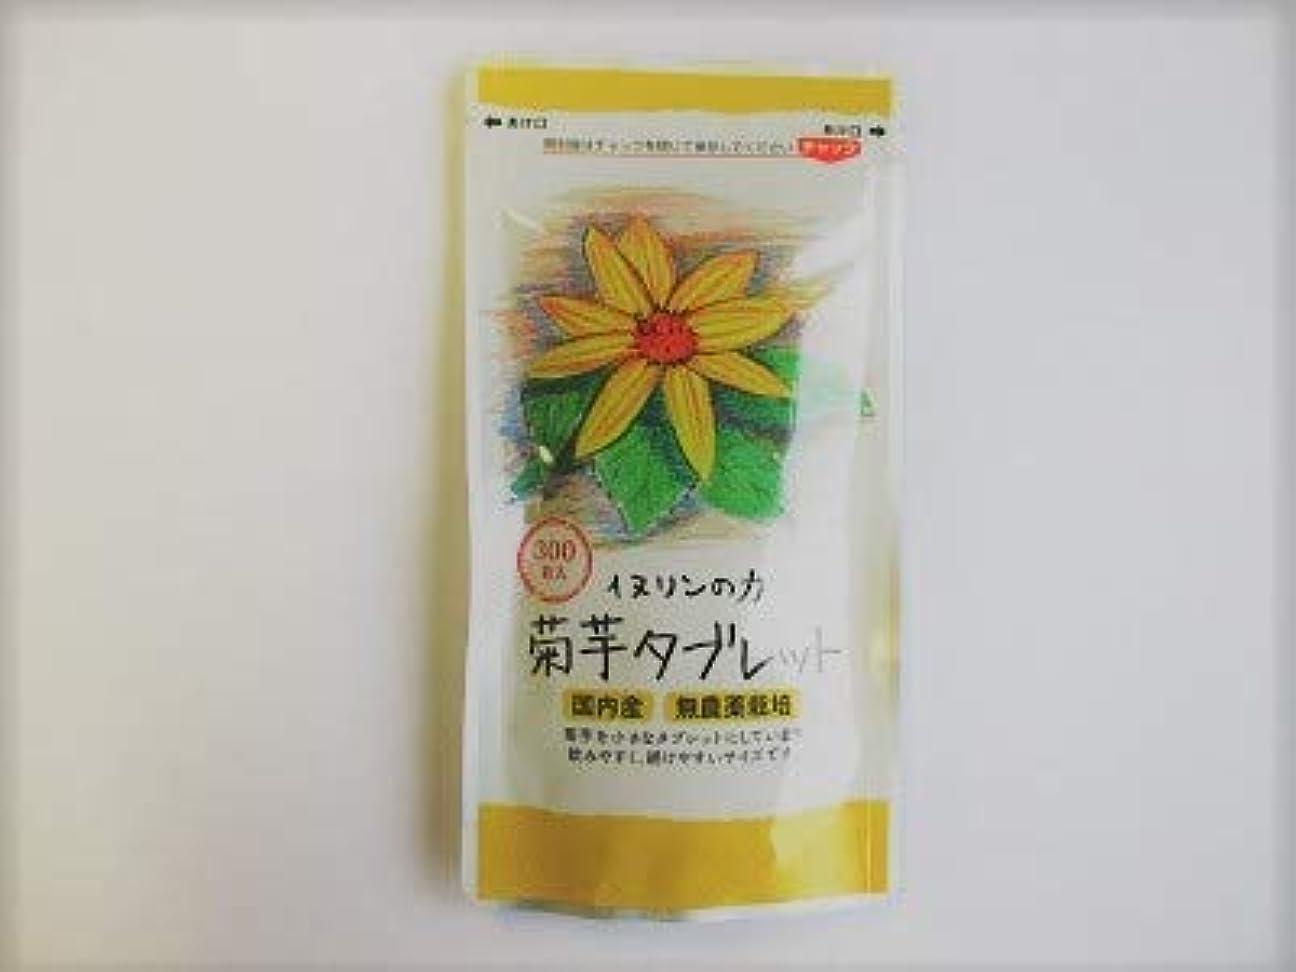 エクステント火炎細心の菊芋タブレット 250mg×300粒 内容量:75g ★1袋で生菊芋=660g分相当です!